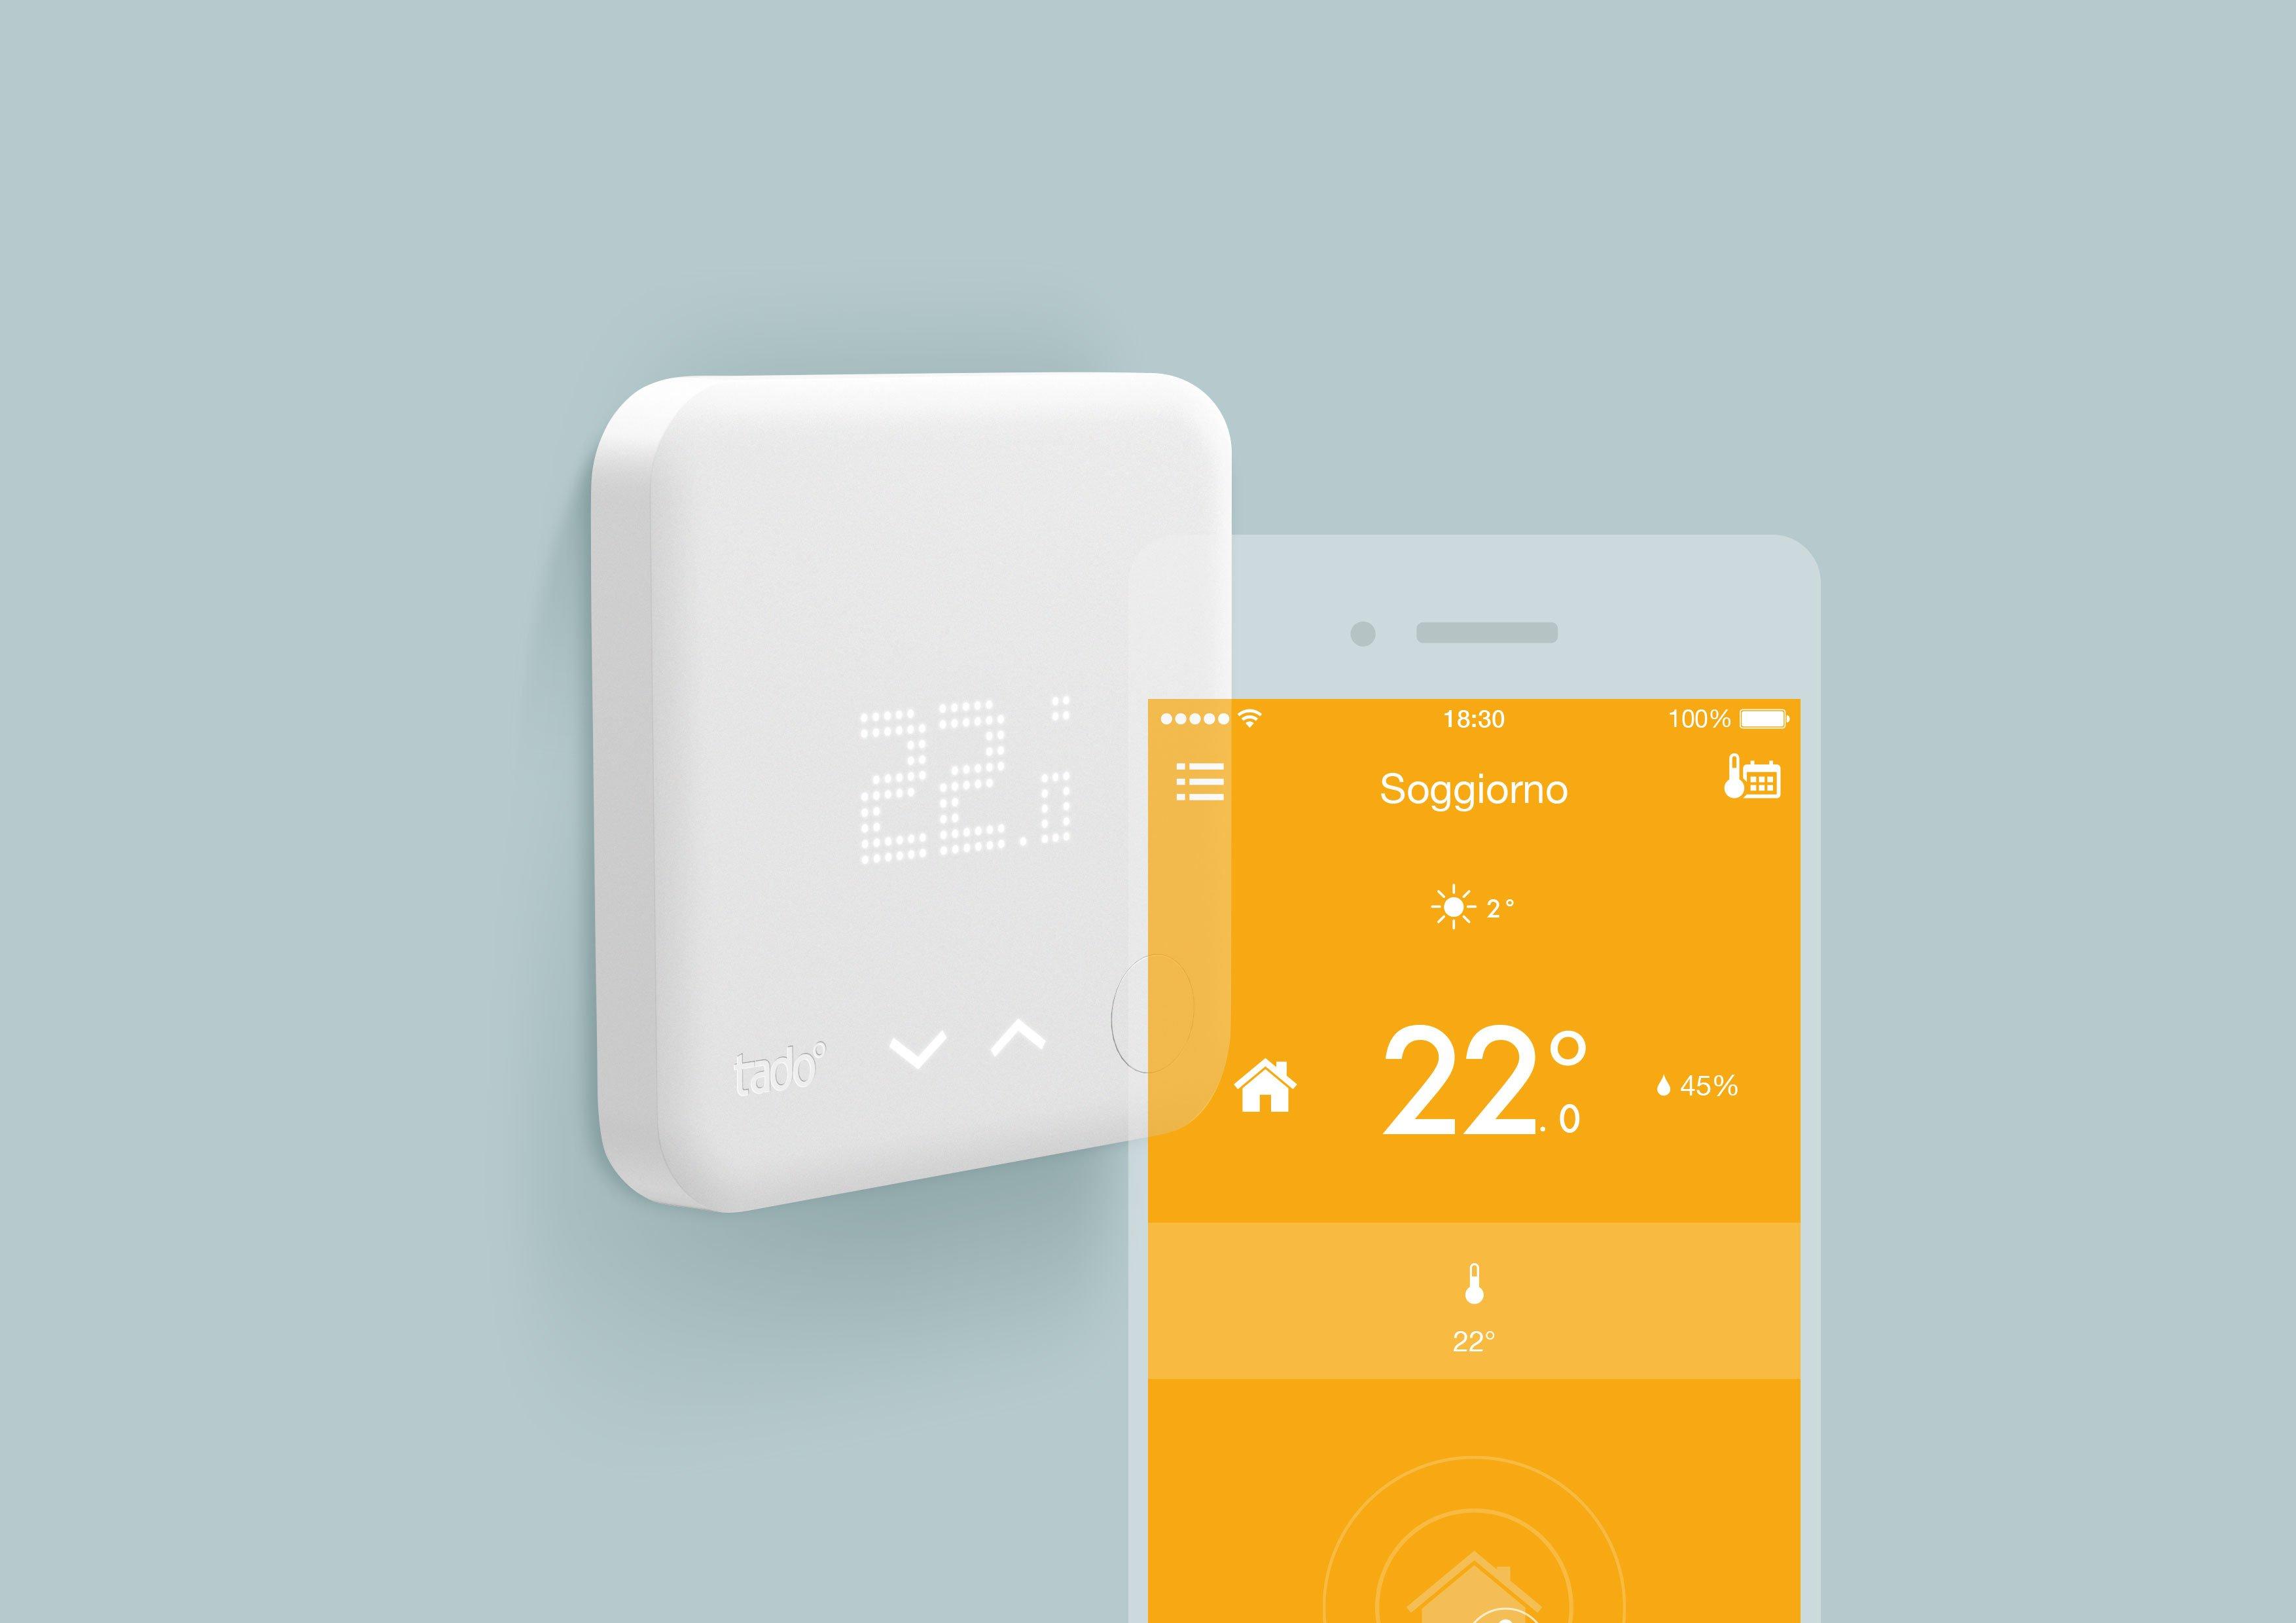 tado° presenta due nuovi prodotti IoT per il riscaldamento compatibili con Amazon Echo